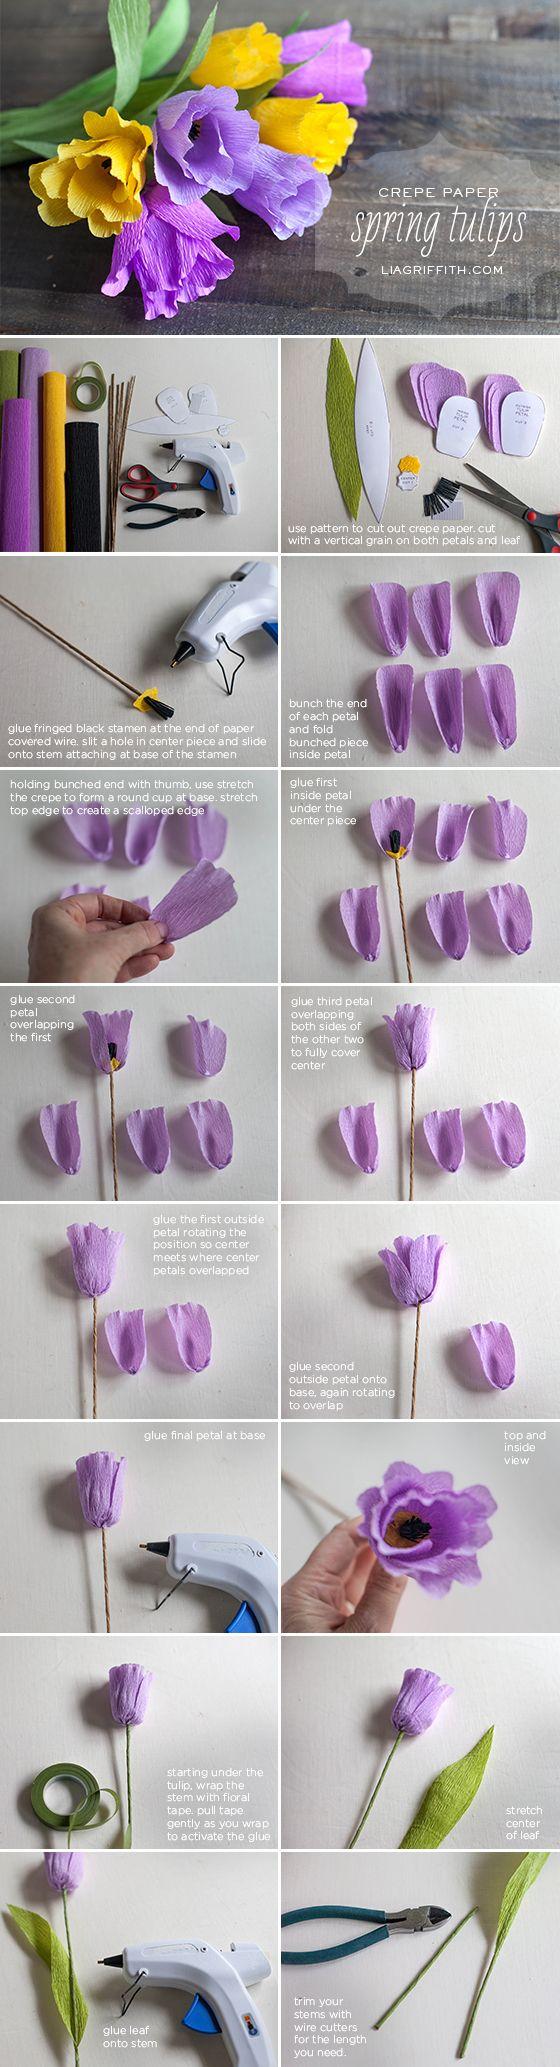 Ha igazán tartós tulipánt szeretnél, akkor készíts magadnak egyet. A következő technikával